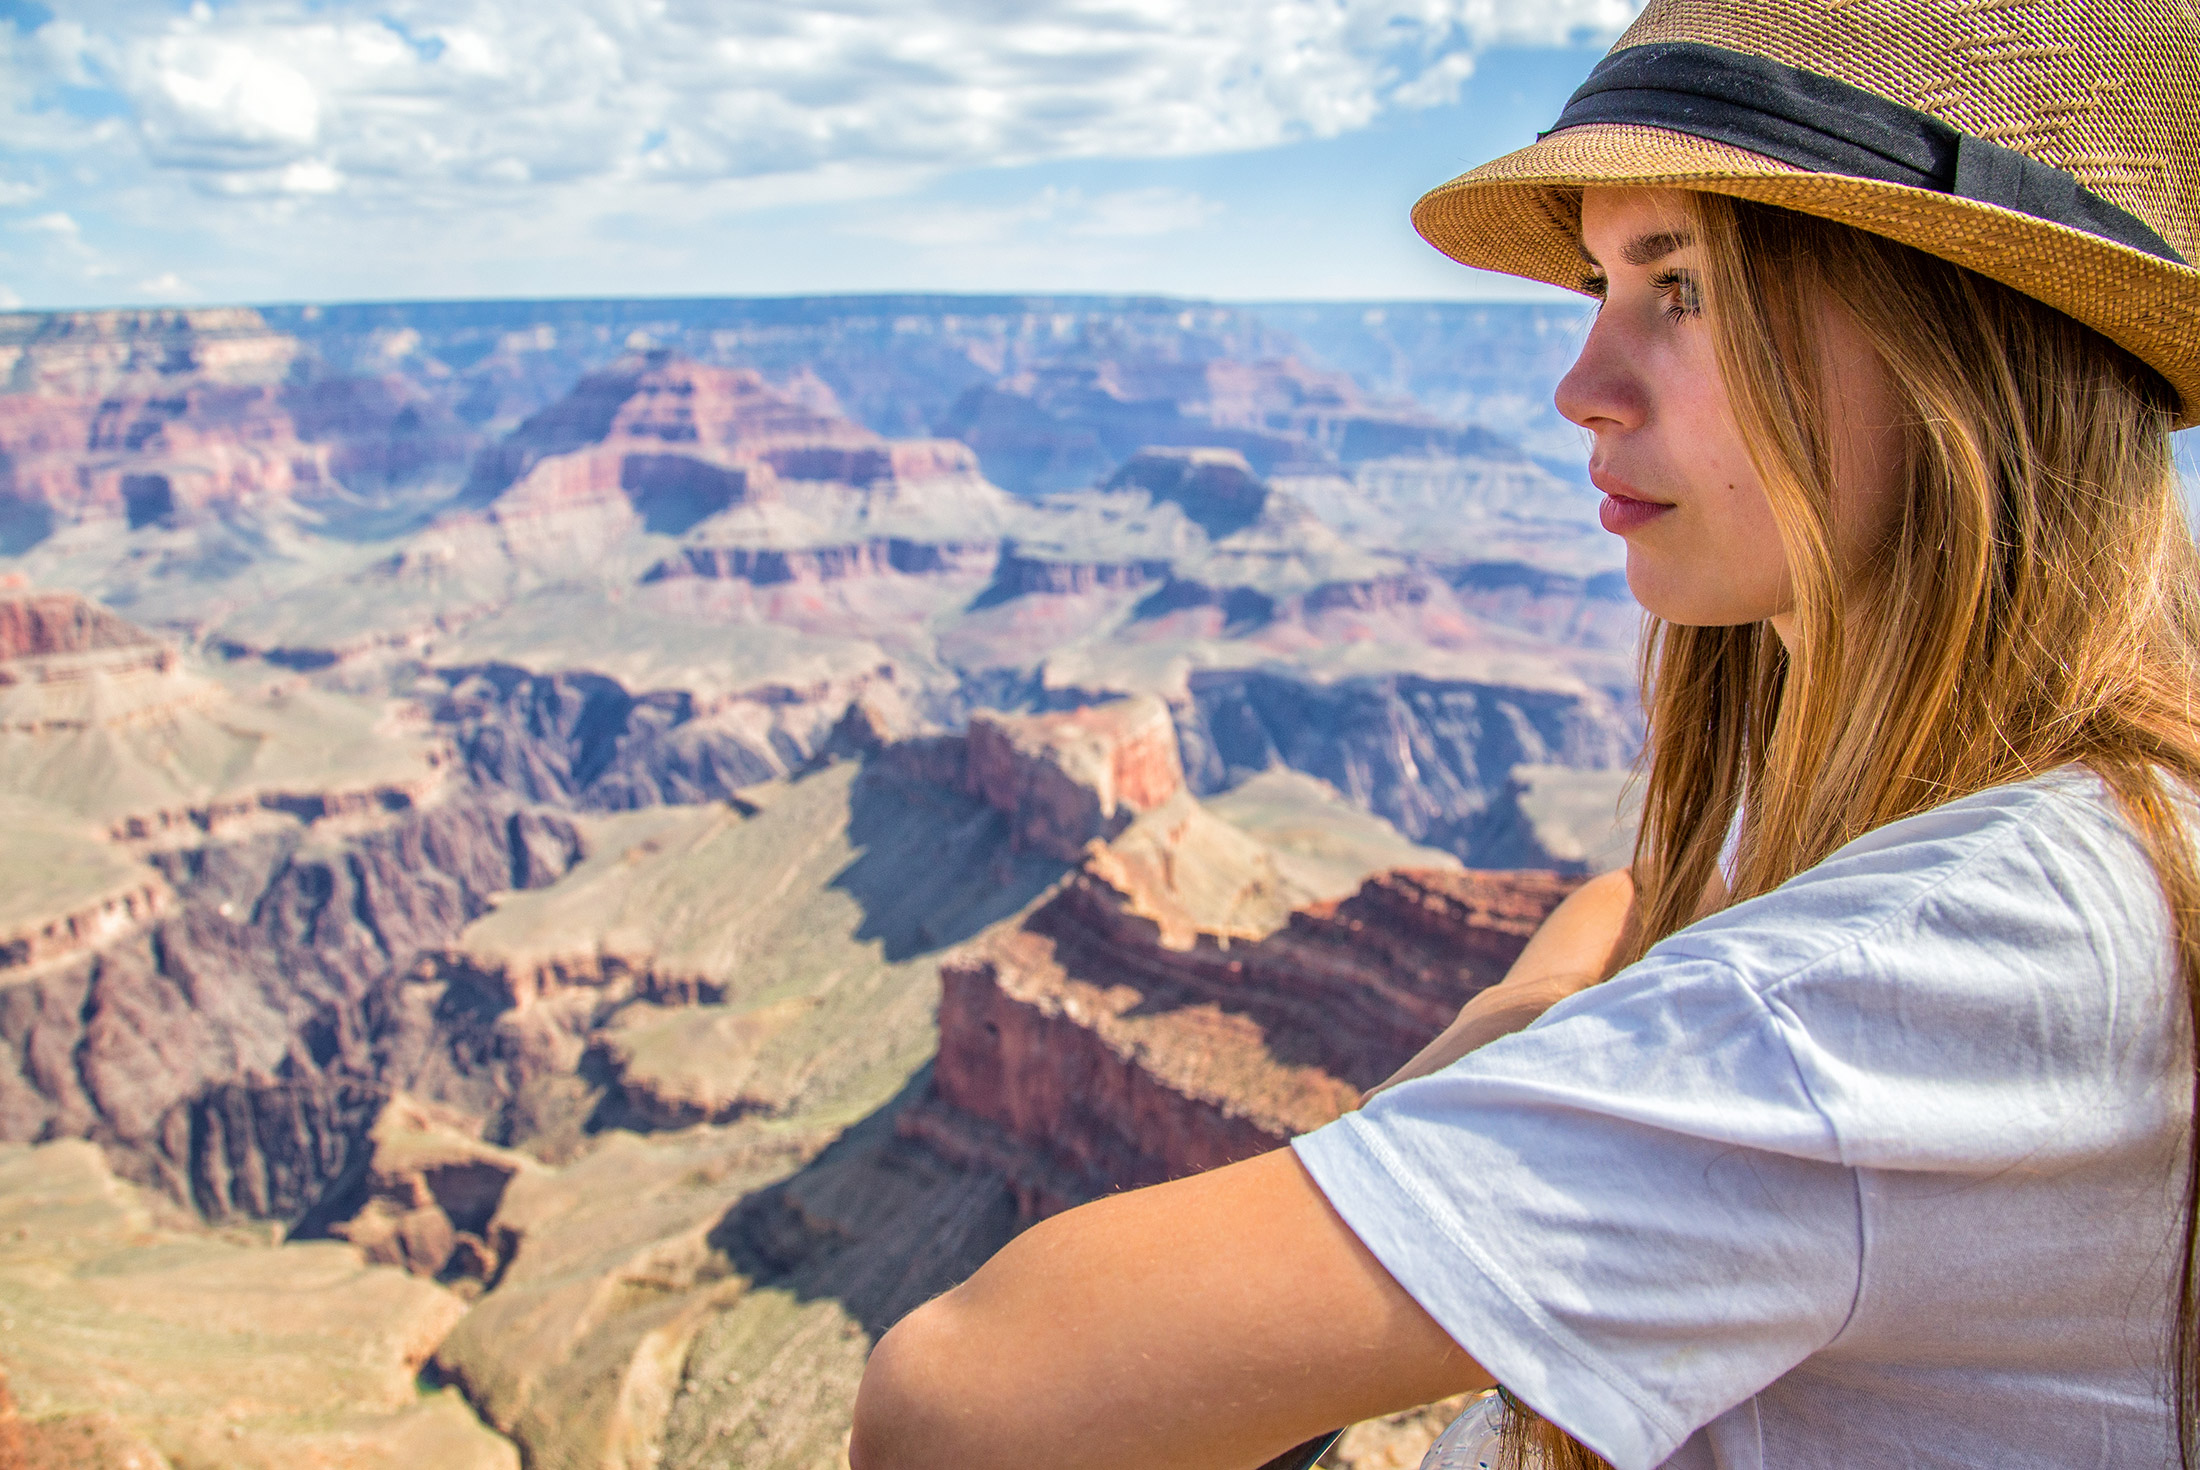 One Week in Las Vegas & the American Wilderness 3